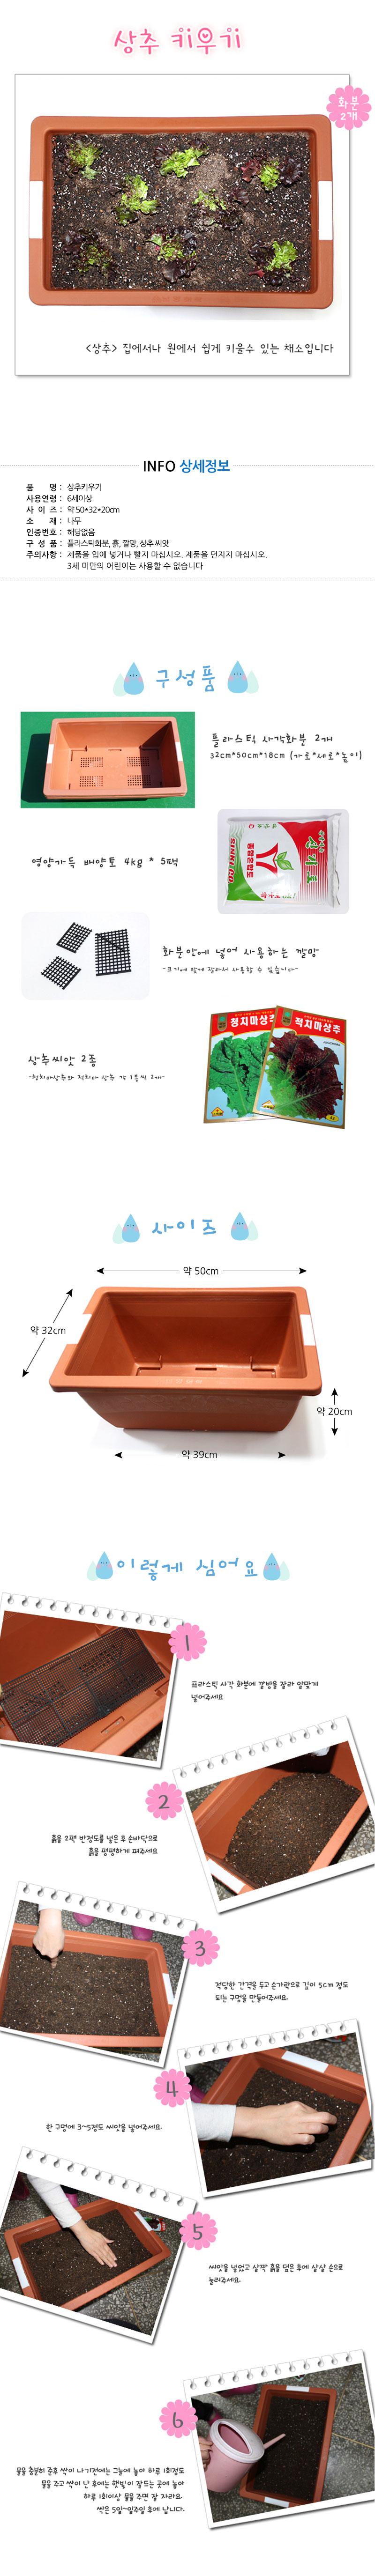 -채소키우기- 상추 씨앗 심기 세트 - 에코키즈, 46,000원, 새싹/모종키우기, 새싹 키우기